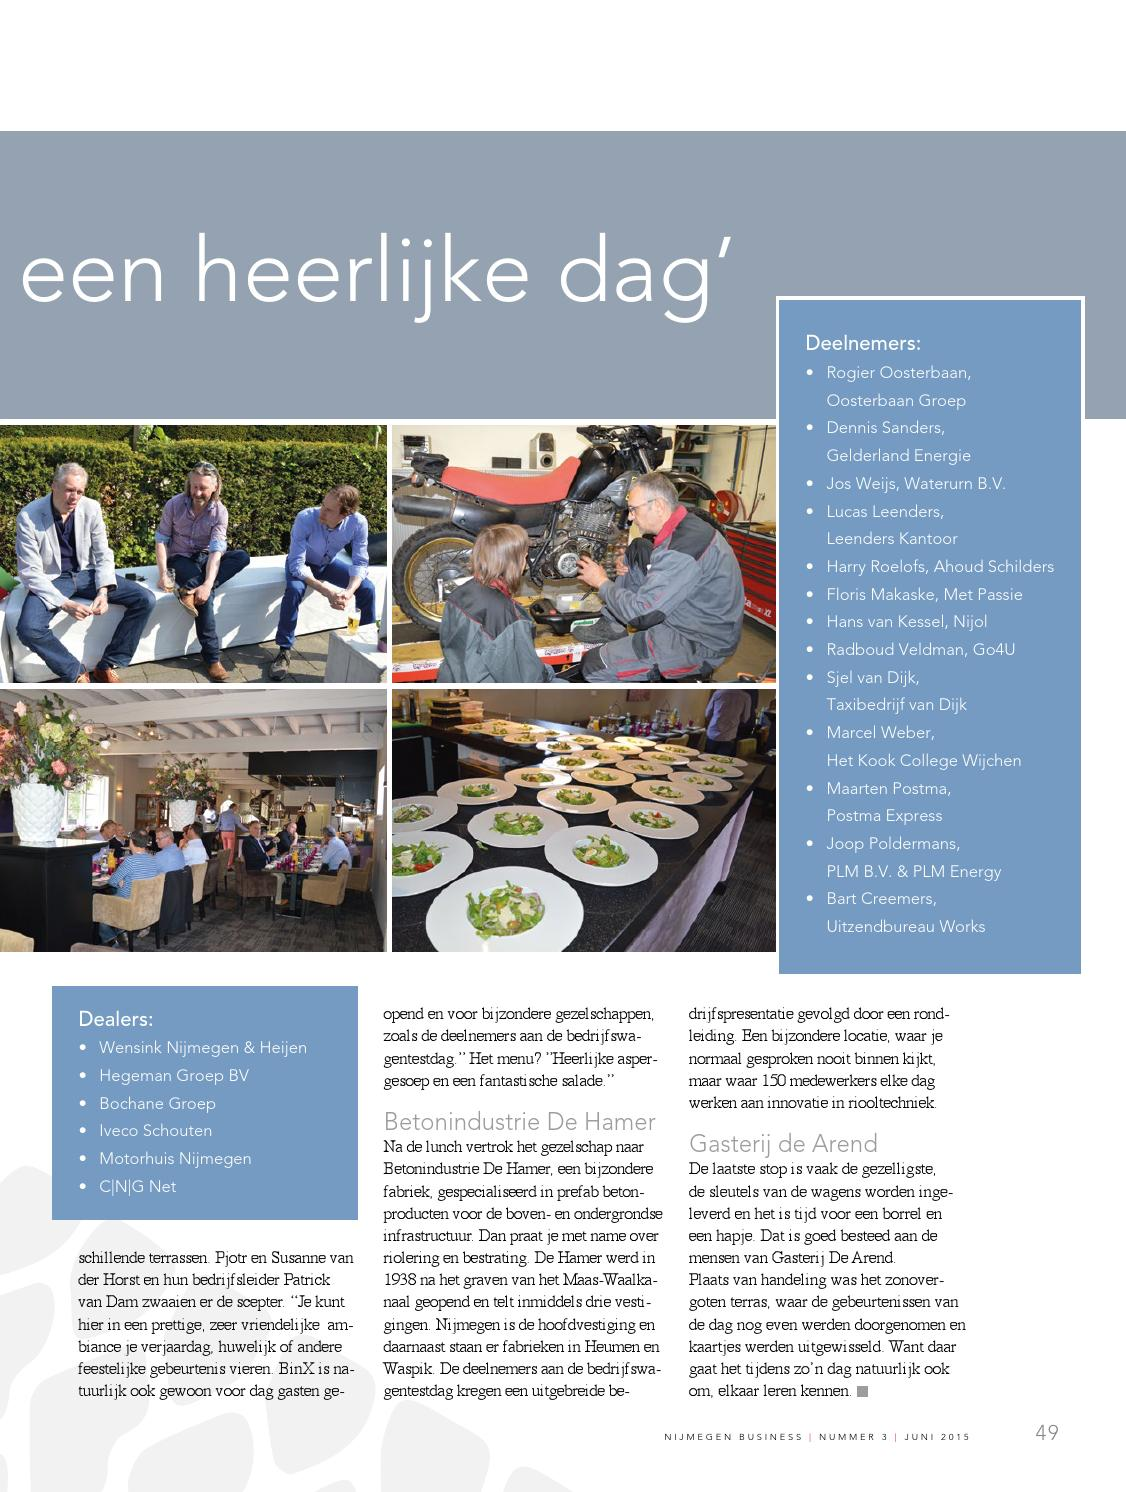 Editie 3 Juni 2015 Nijmegen Business By Nijmegen Business Issuu